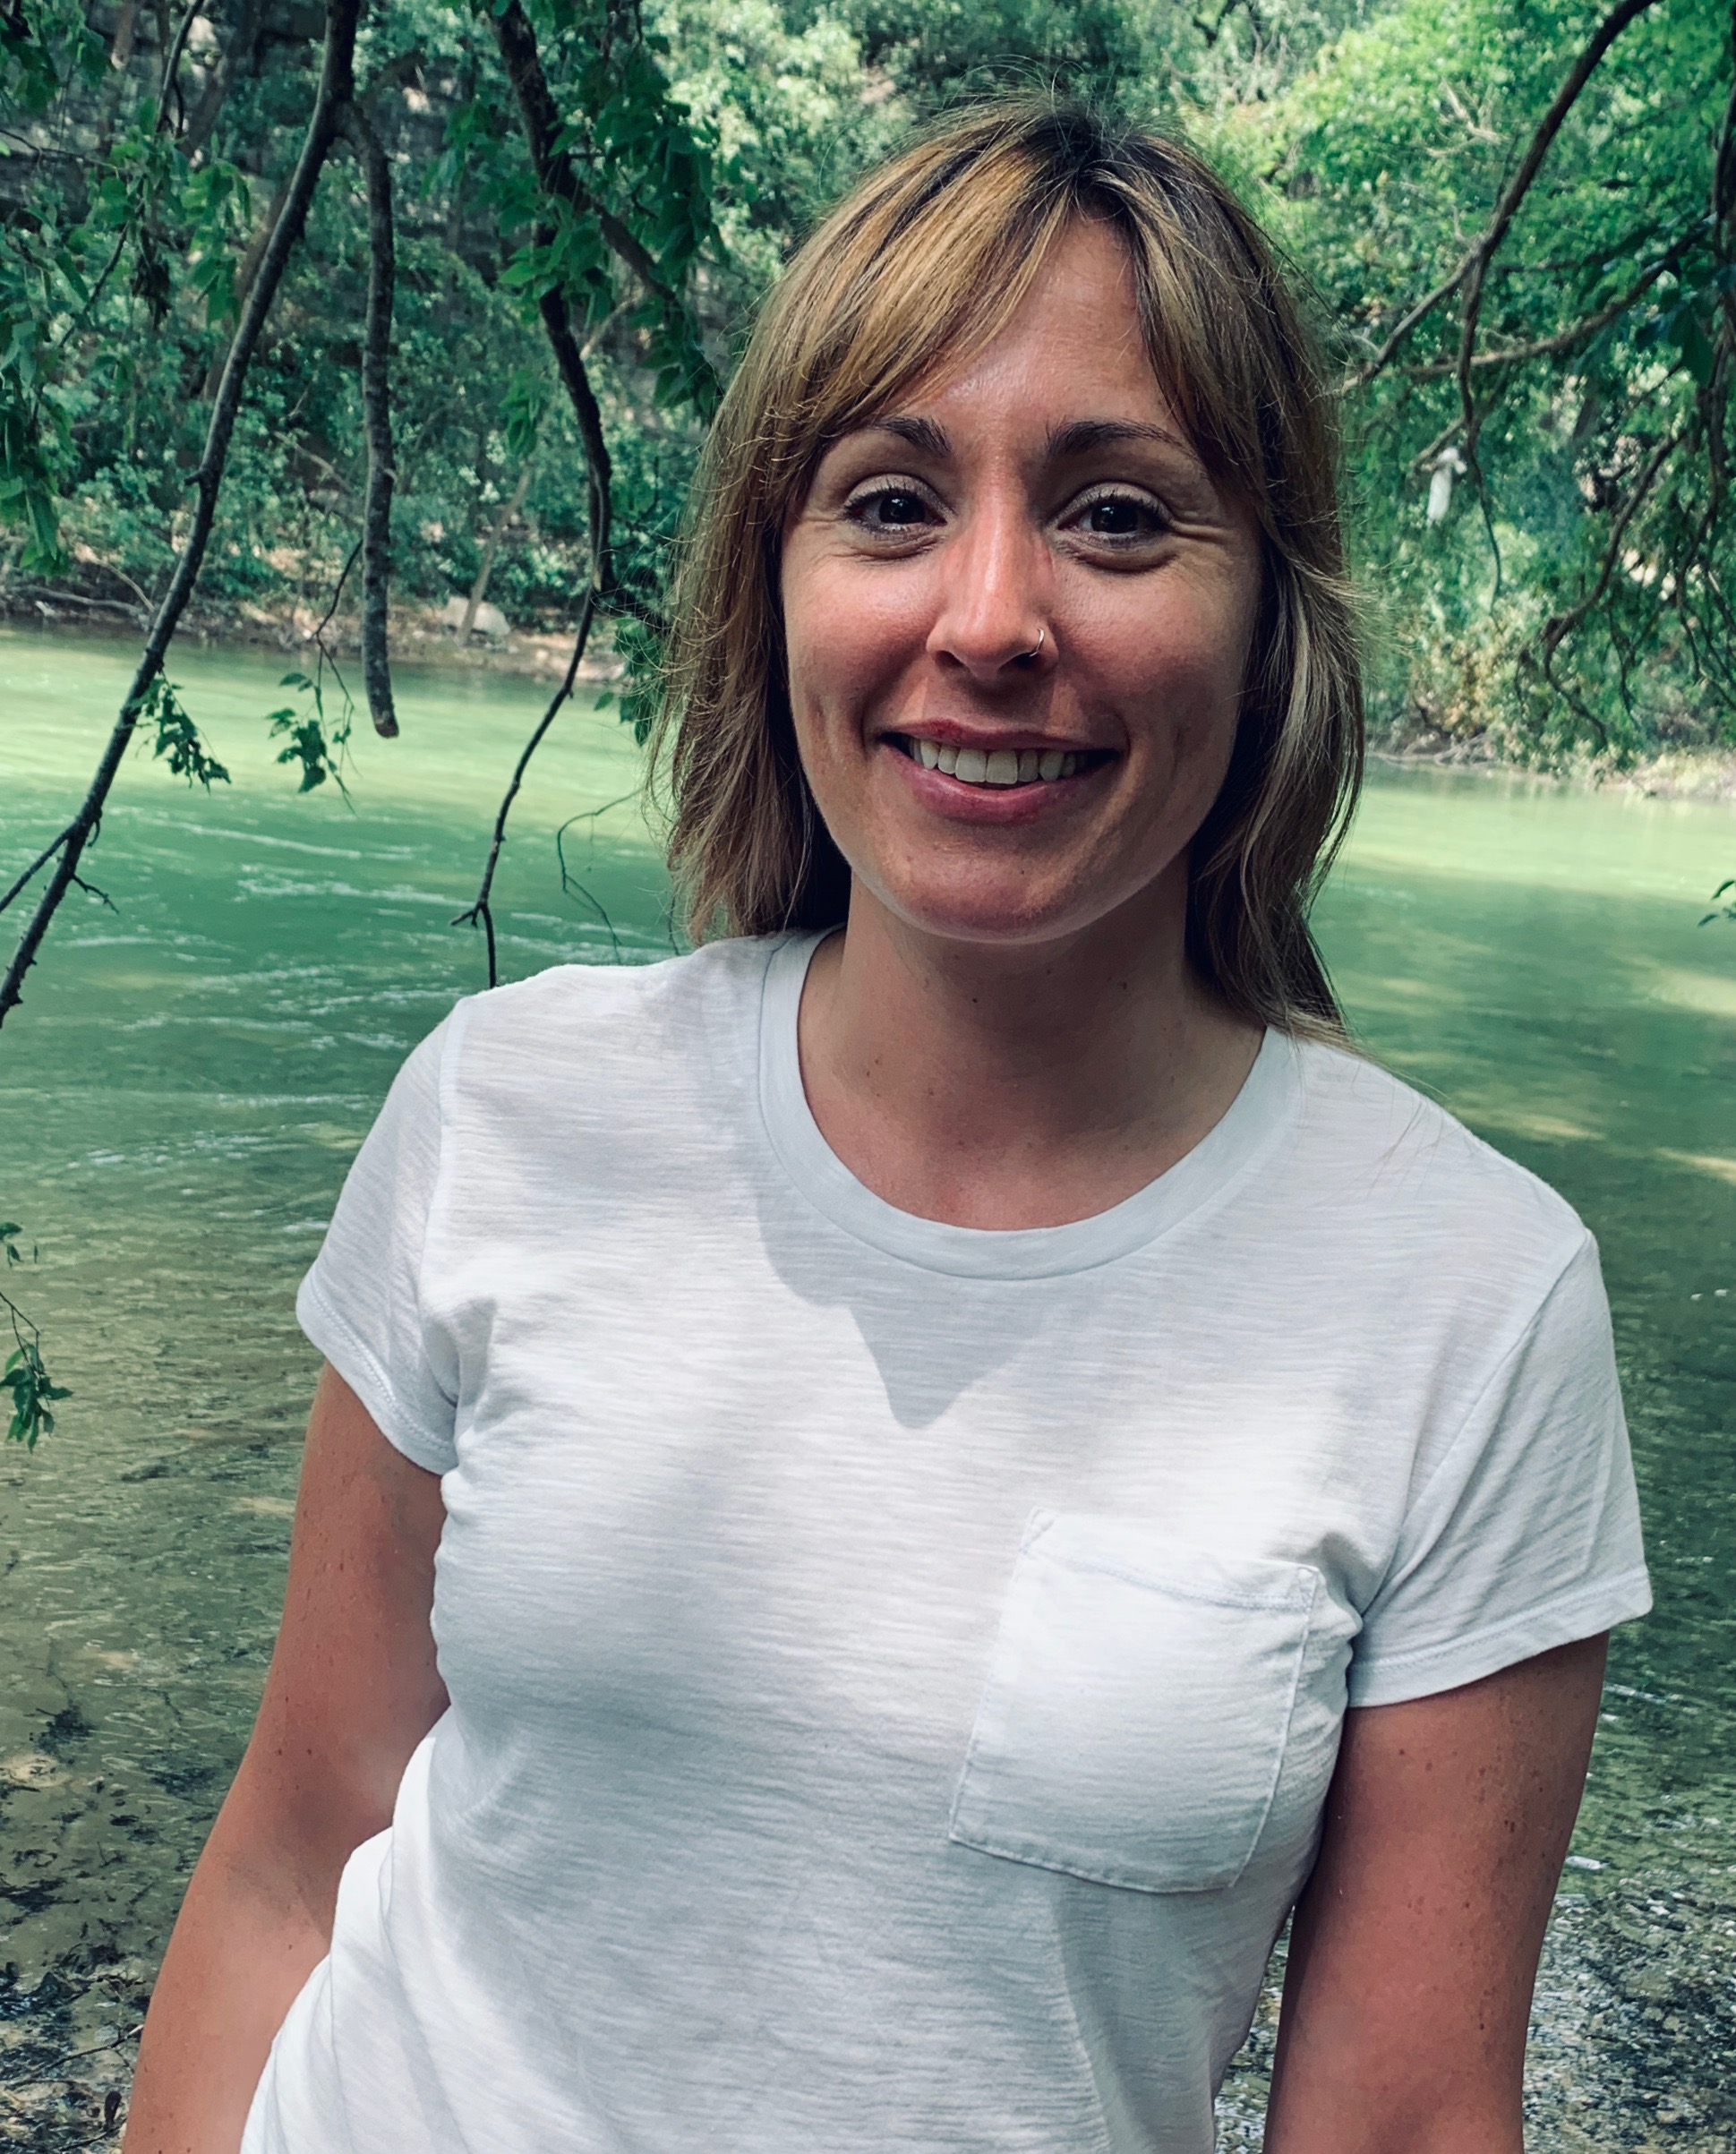 Kimberly Barthel